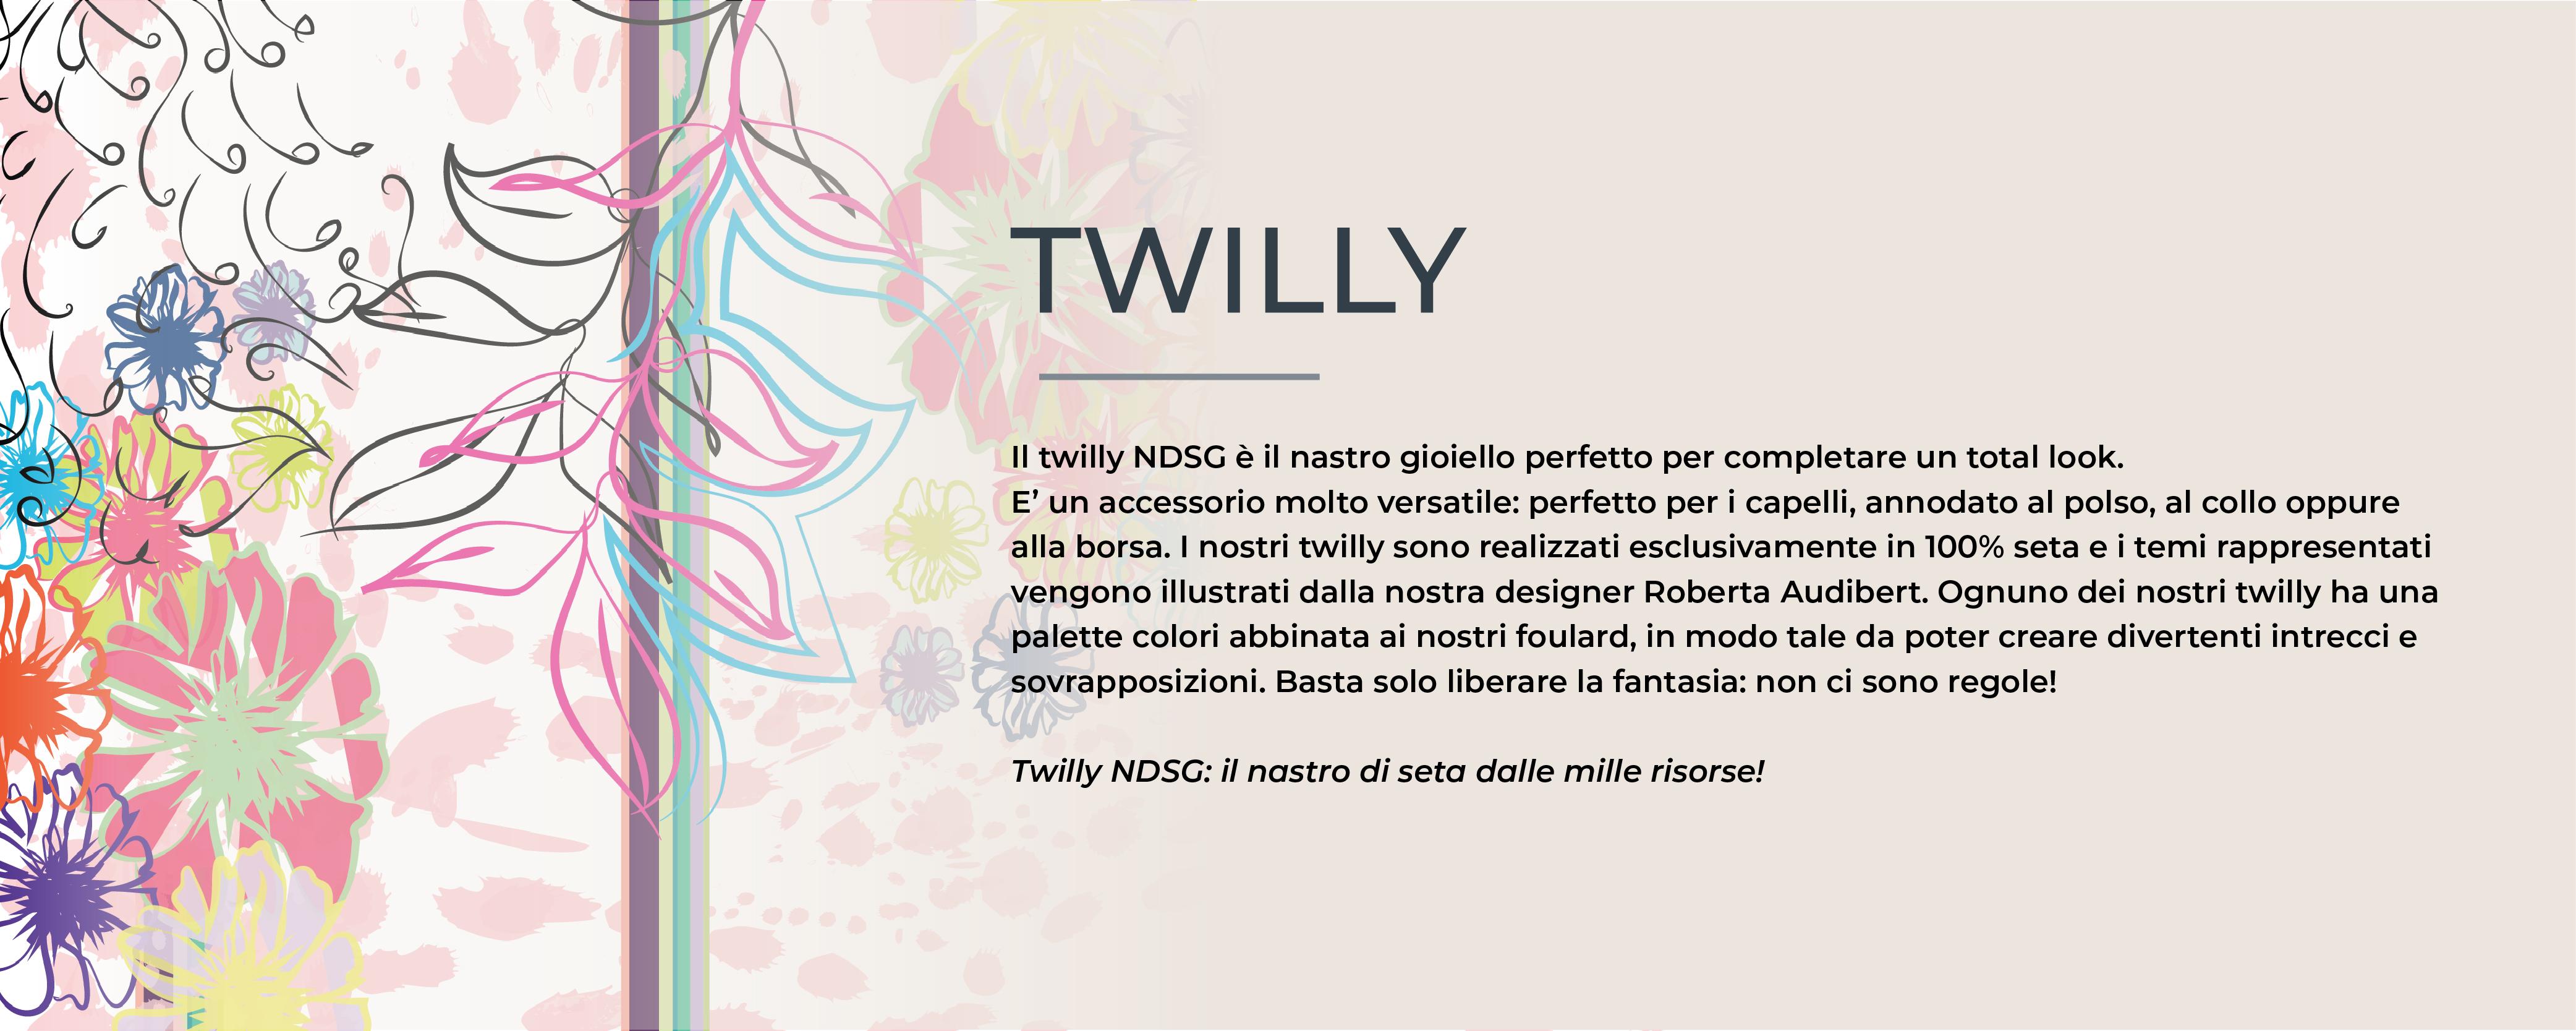 TWILLY-02.jpg